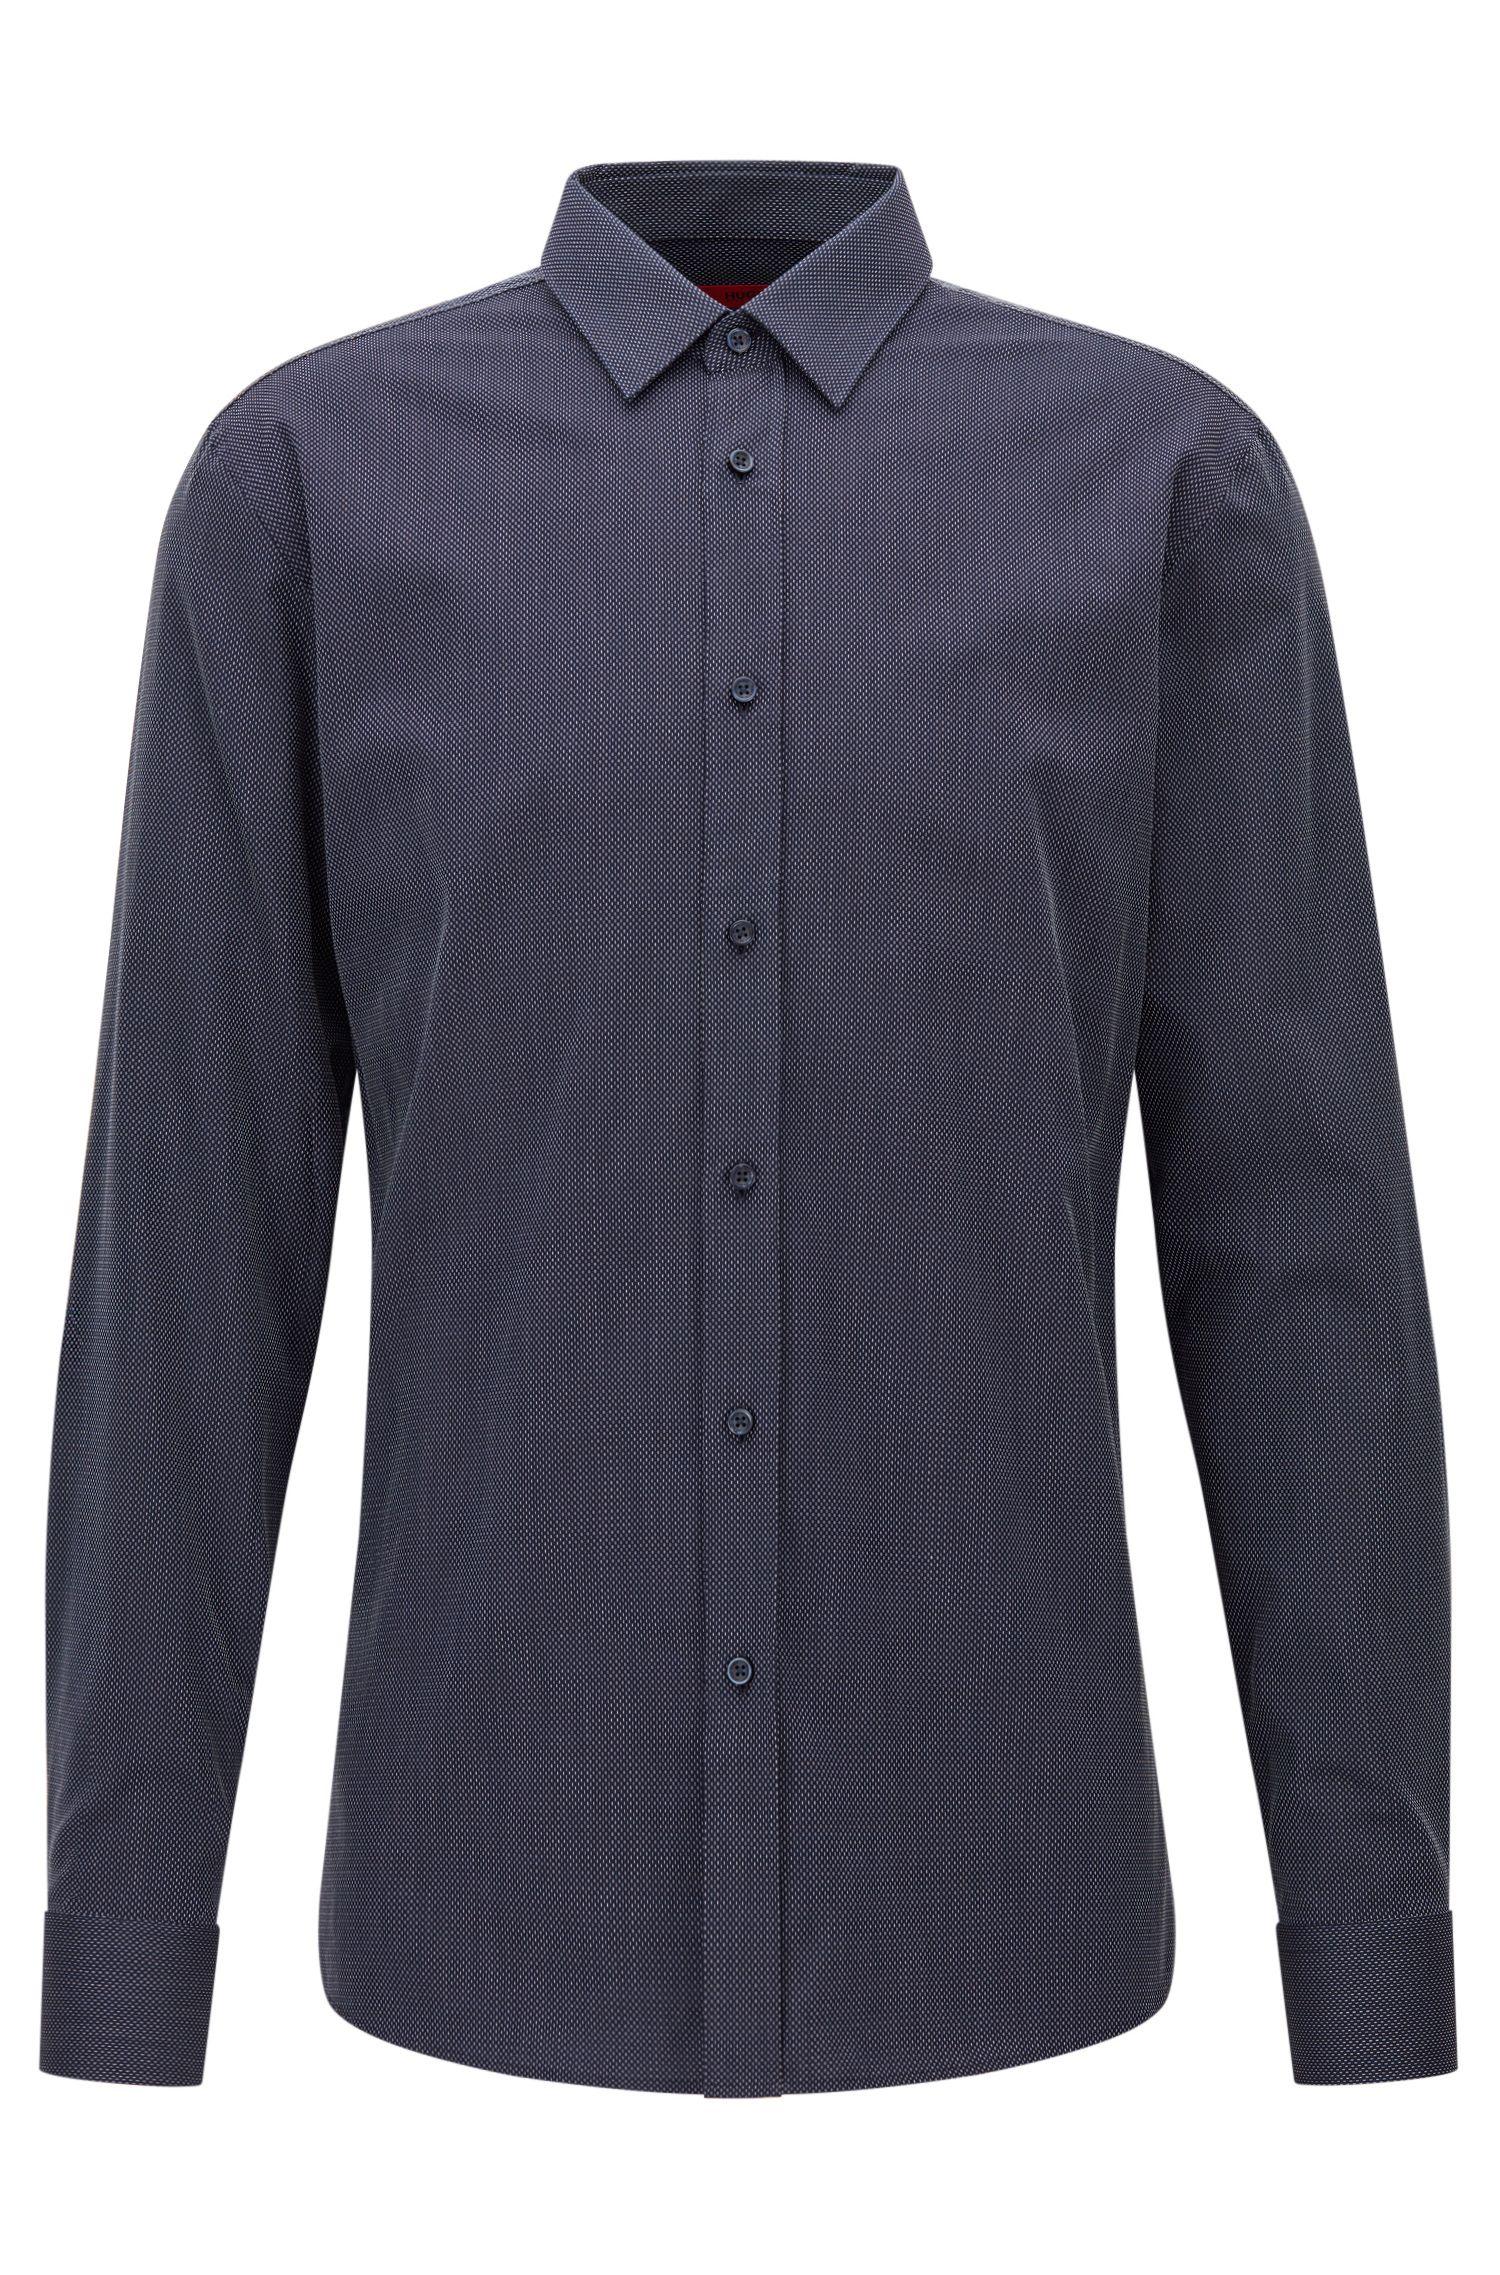 Camicia slim fit in cotone microstrutturato